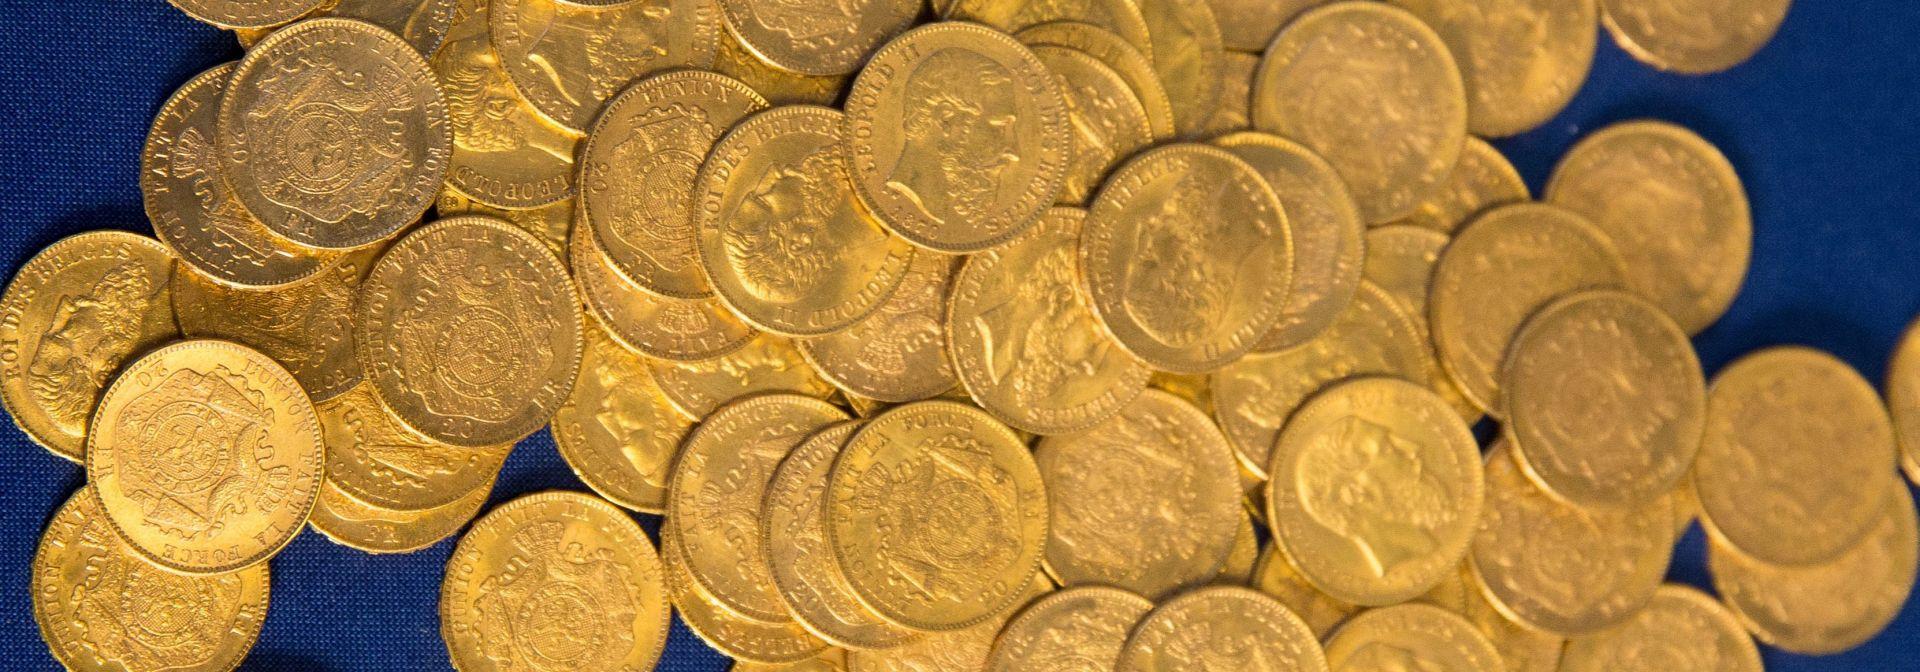 IZGUBLJENO TRISTO GODINA: Floridska obitelj pronašla španjolsko blago vrijedno milijun dolara